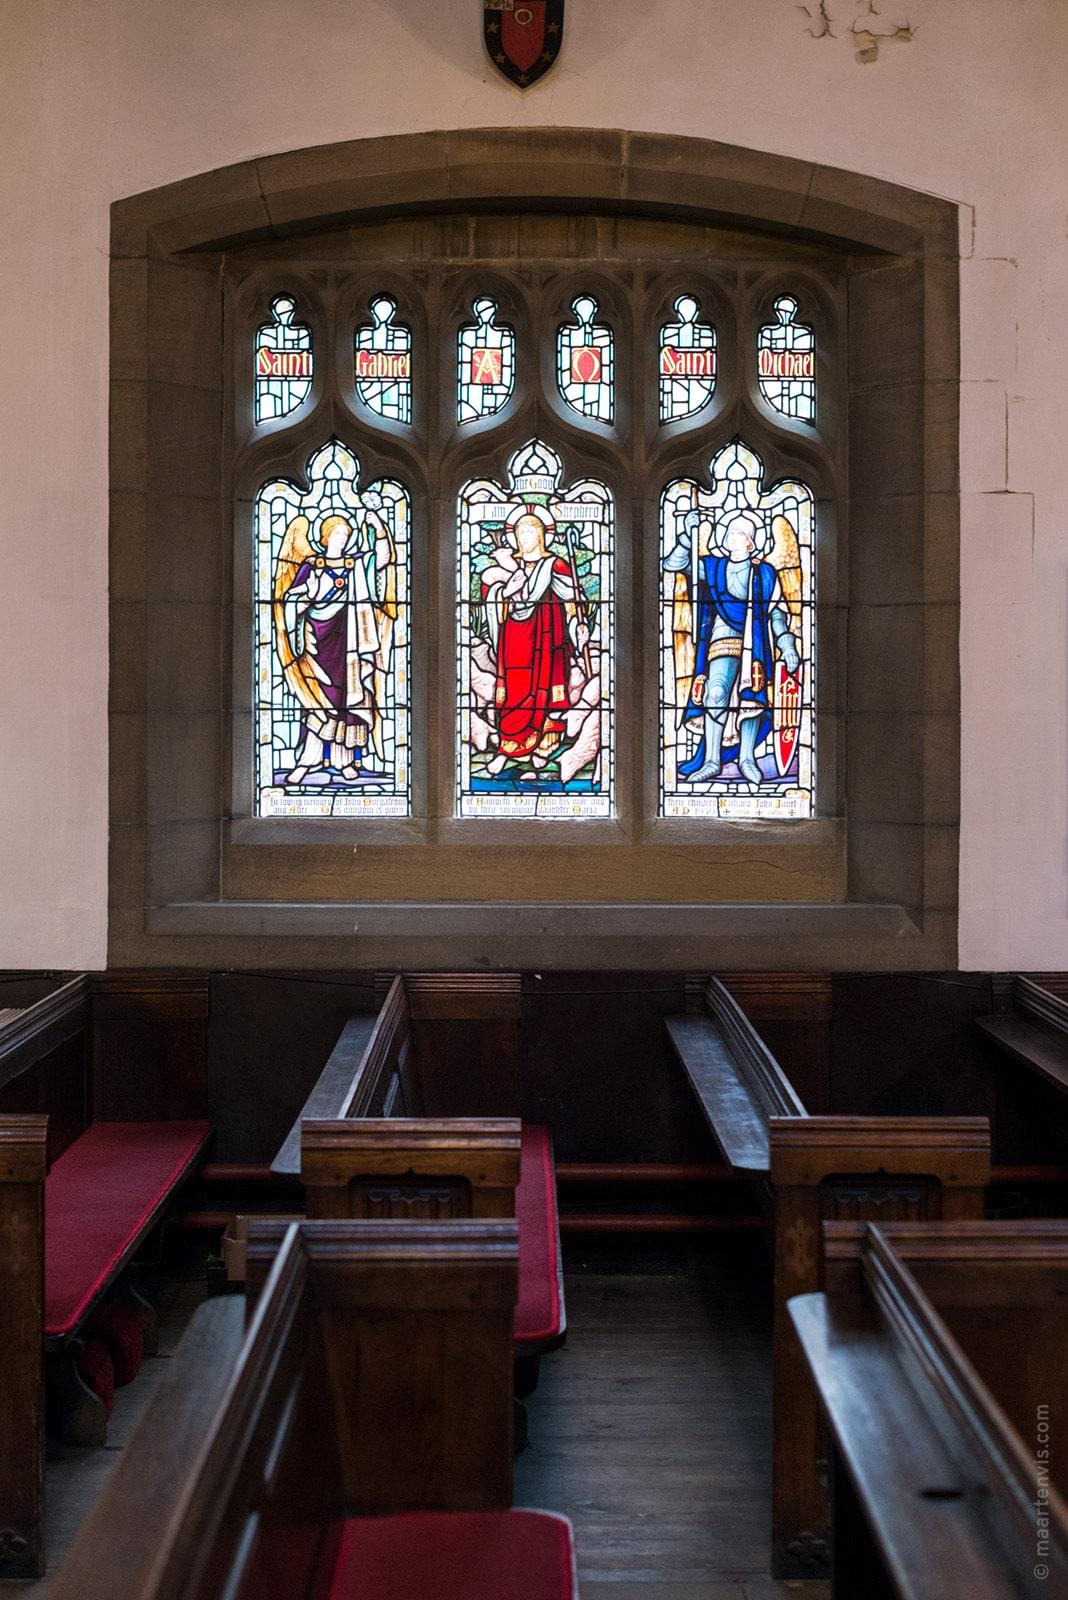 20160324 8012 - Brontë Parsonage Museum, Haworth